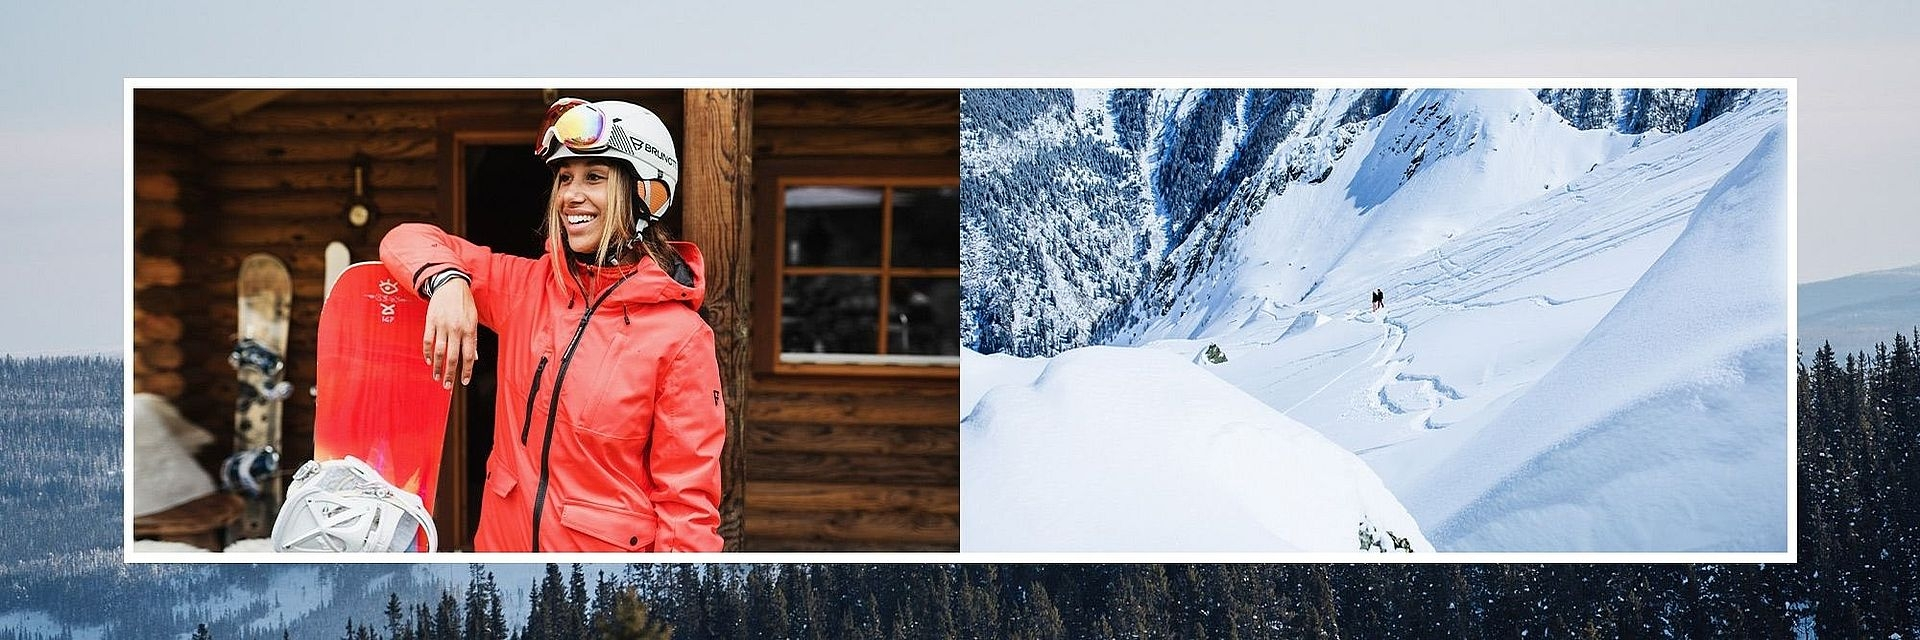 Dámské lyžařské oblečení